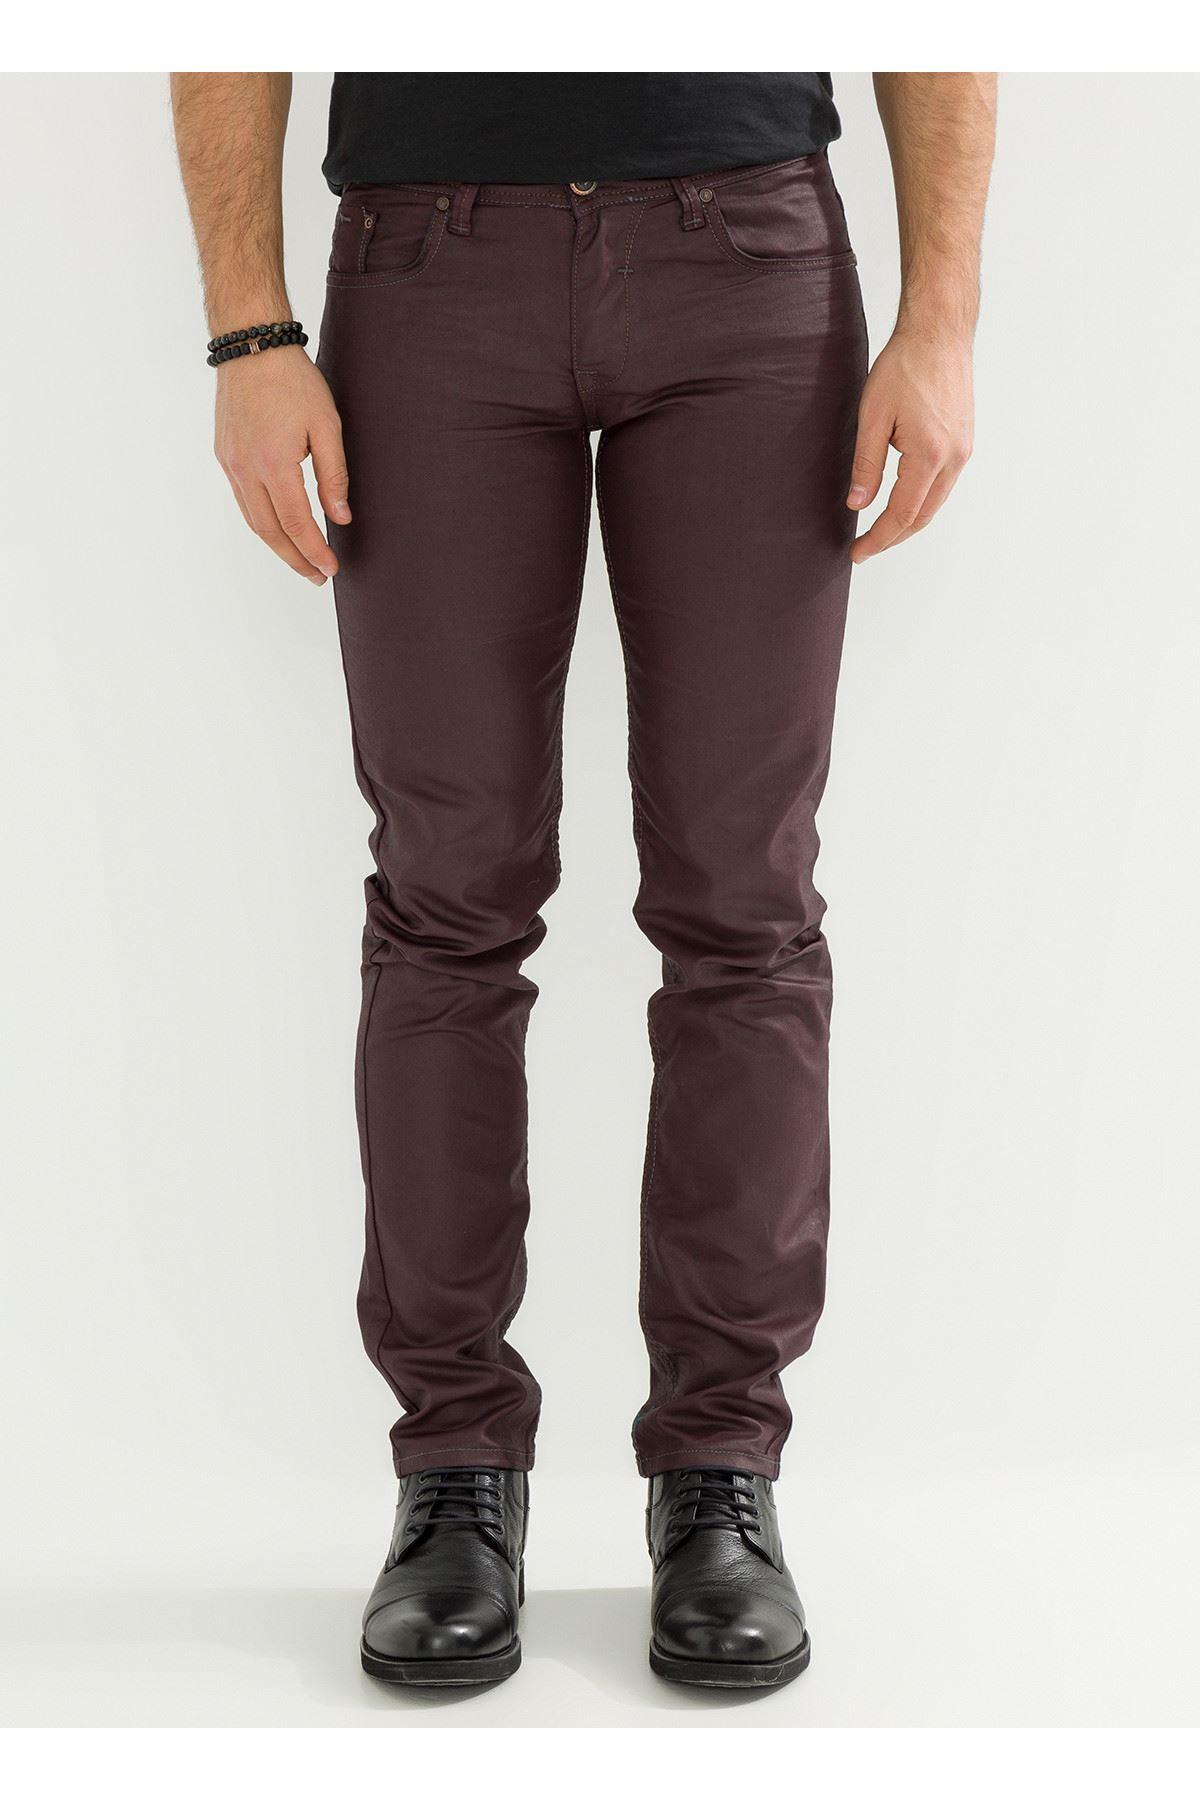 Deri Görünüm Özel Kaplamalı Bordo Erkek Pantolon